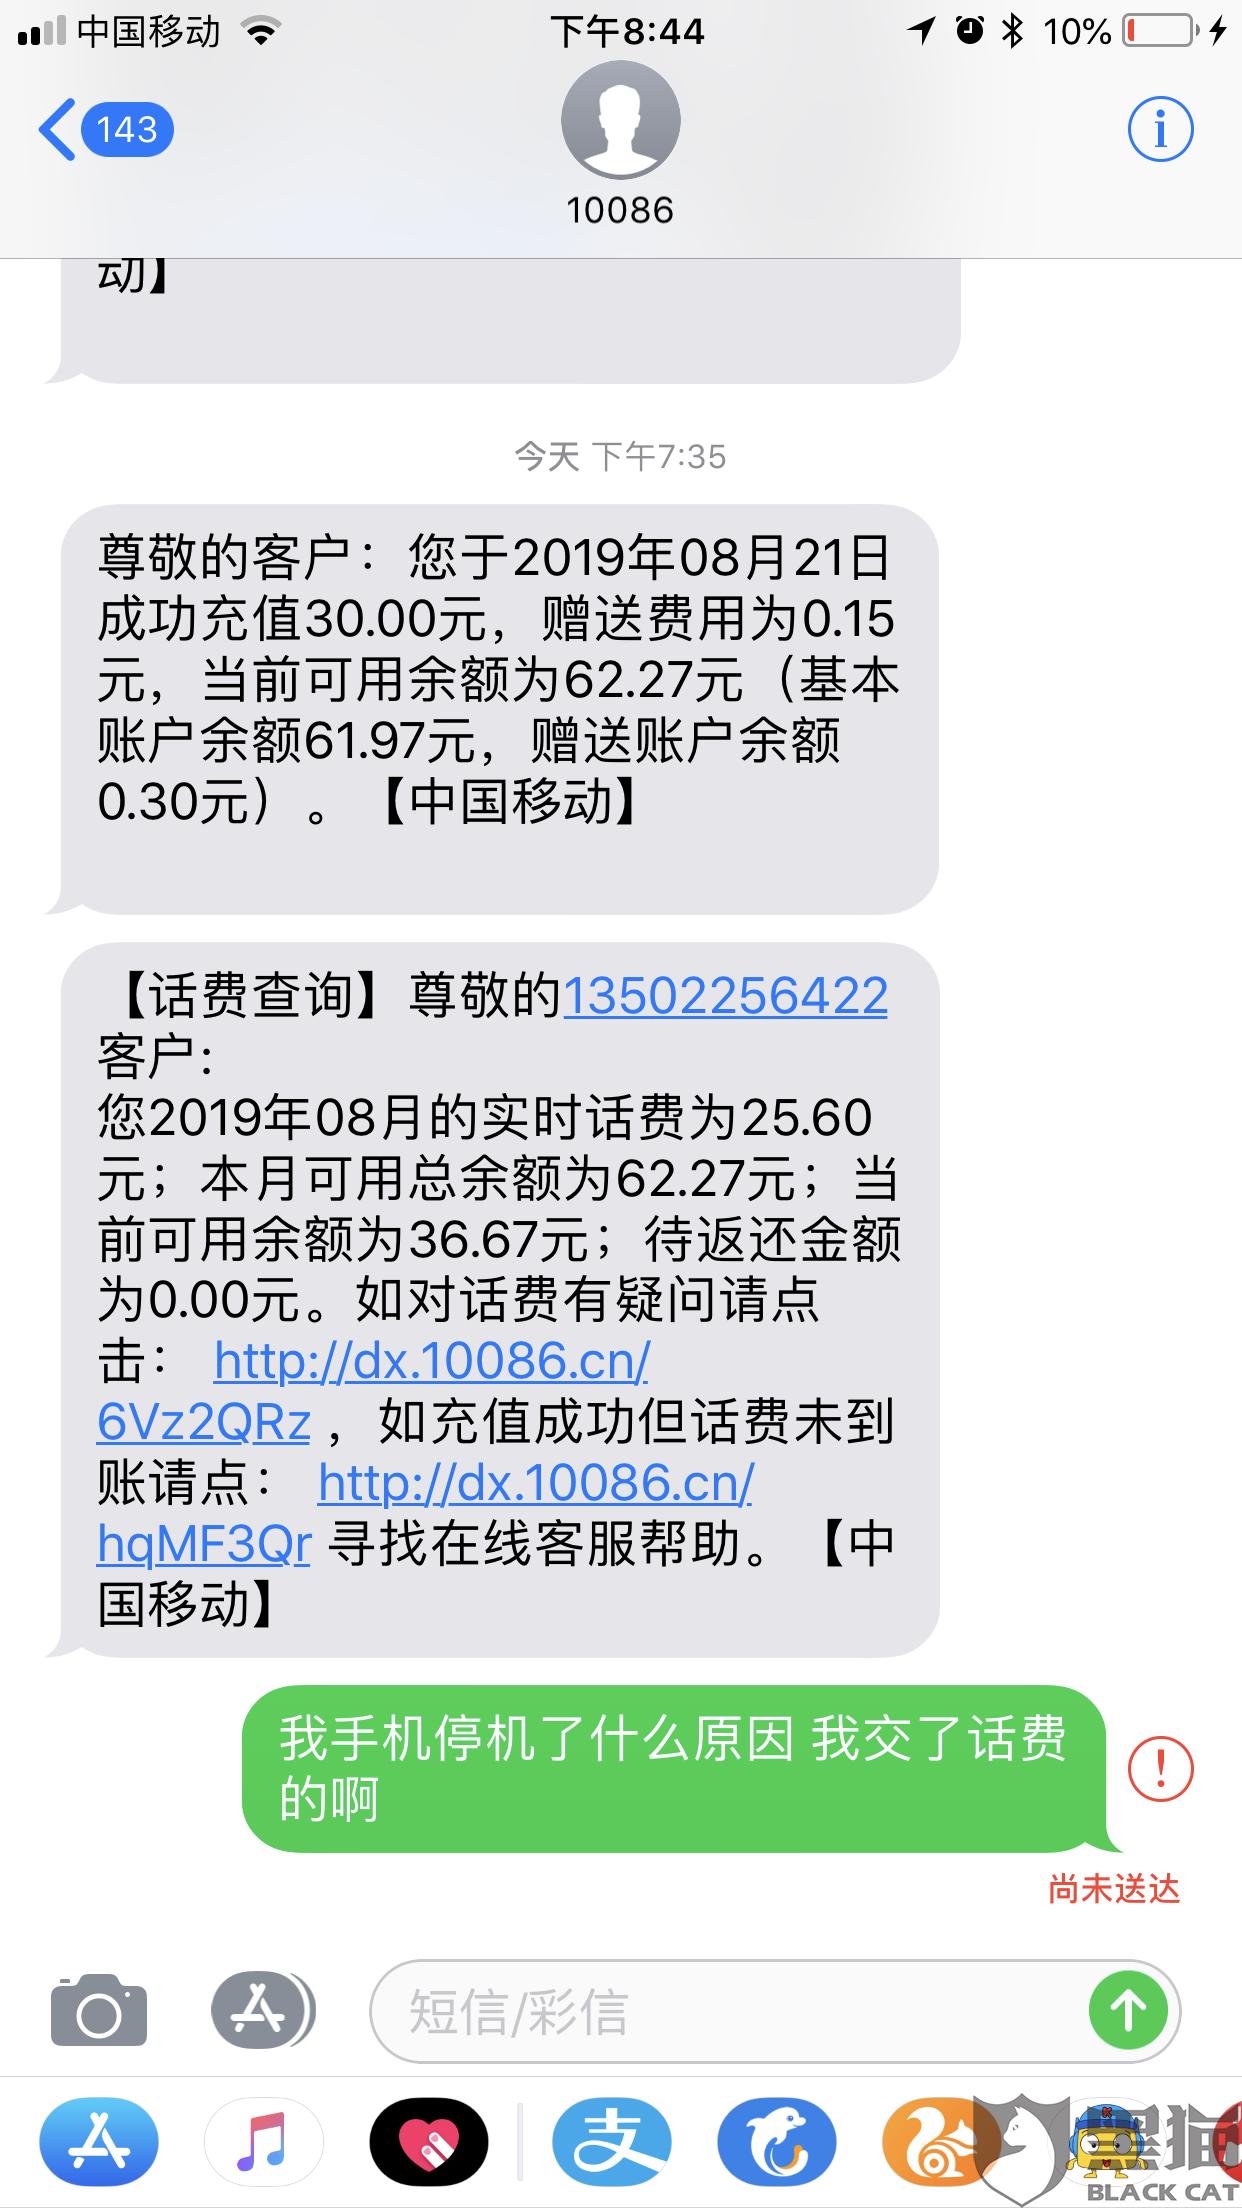 黑猫投诉:中国移动强行停机 说通讯异常的 要去当地营业厅办理 我在外地咋办